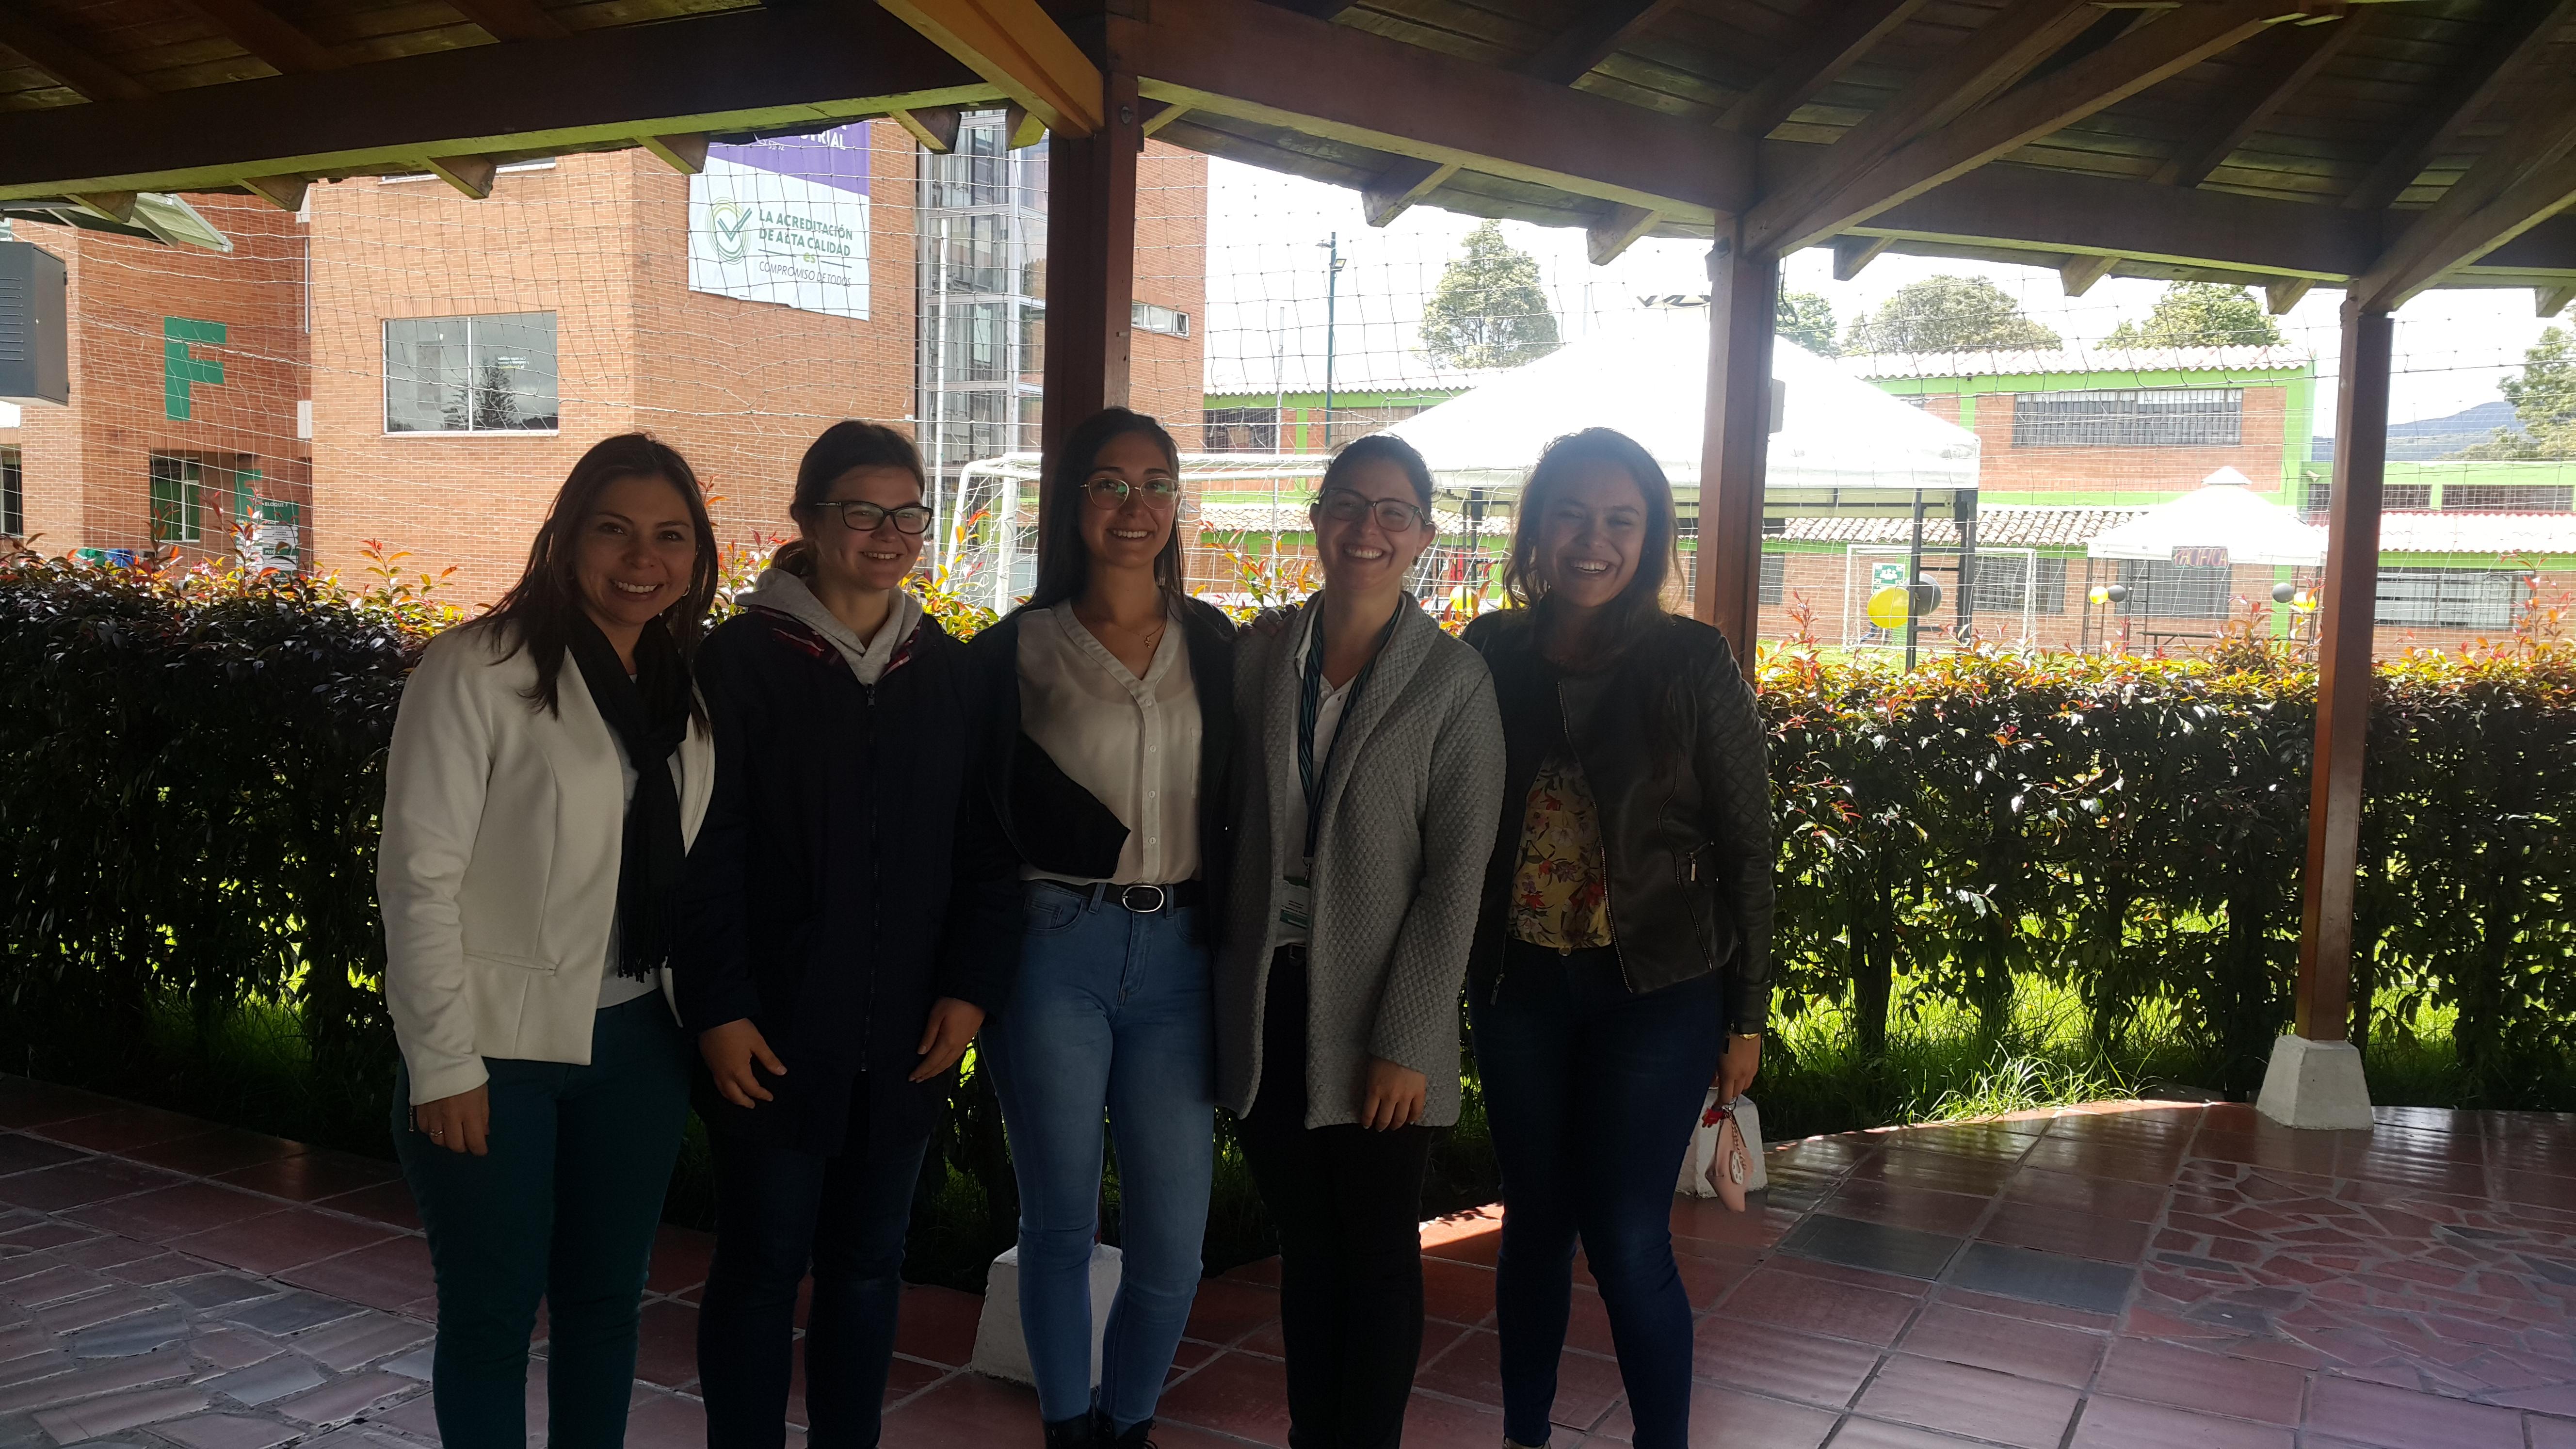 Estudiantes en movilidad entrante y saliente internacional del programa de ingeniería de alimentos comparten su experiencia